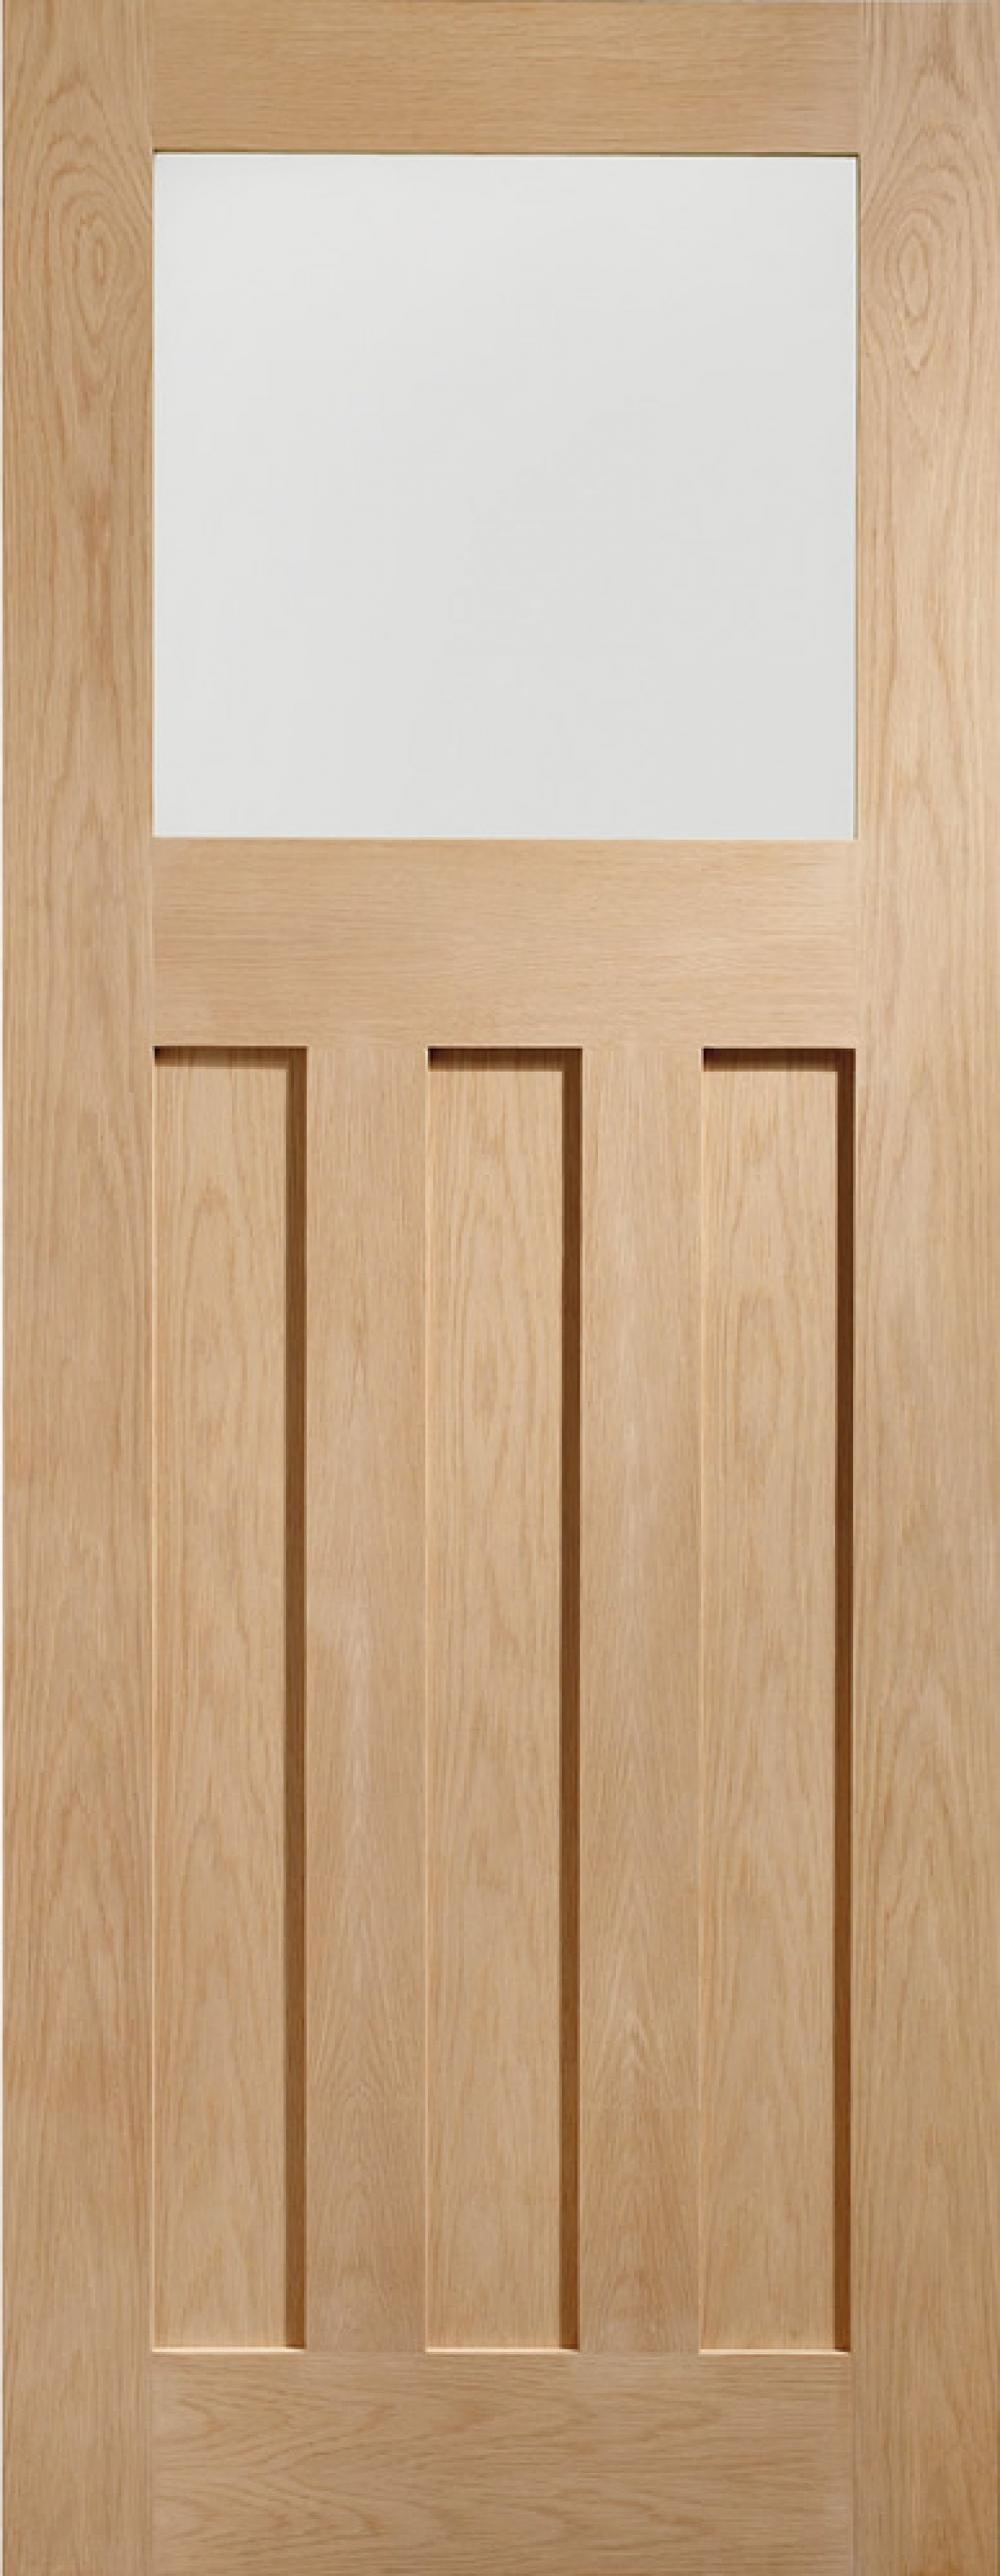 DX Oak Glazed Door - Obscure